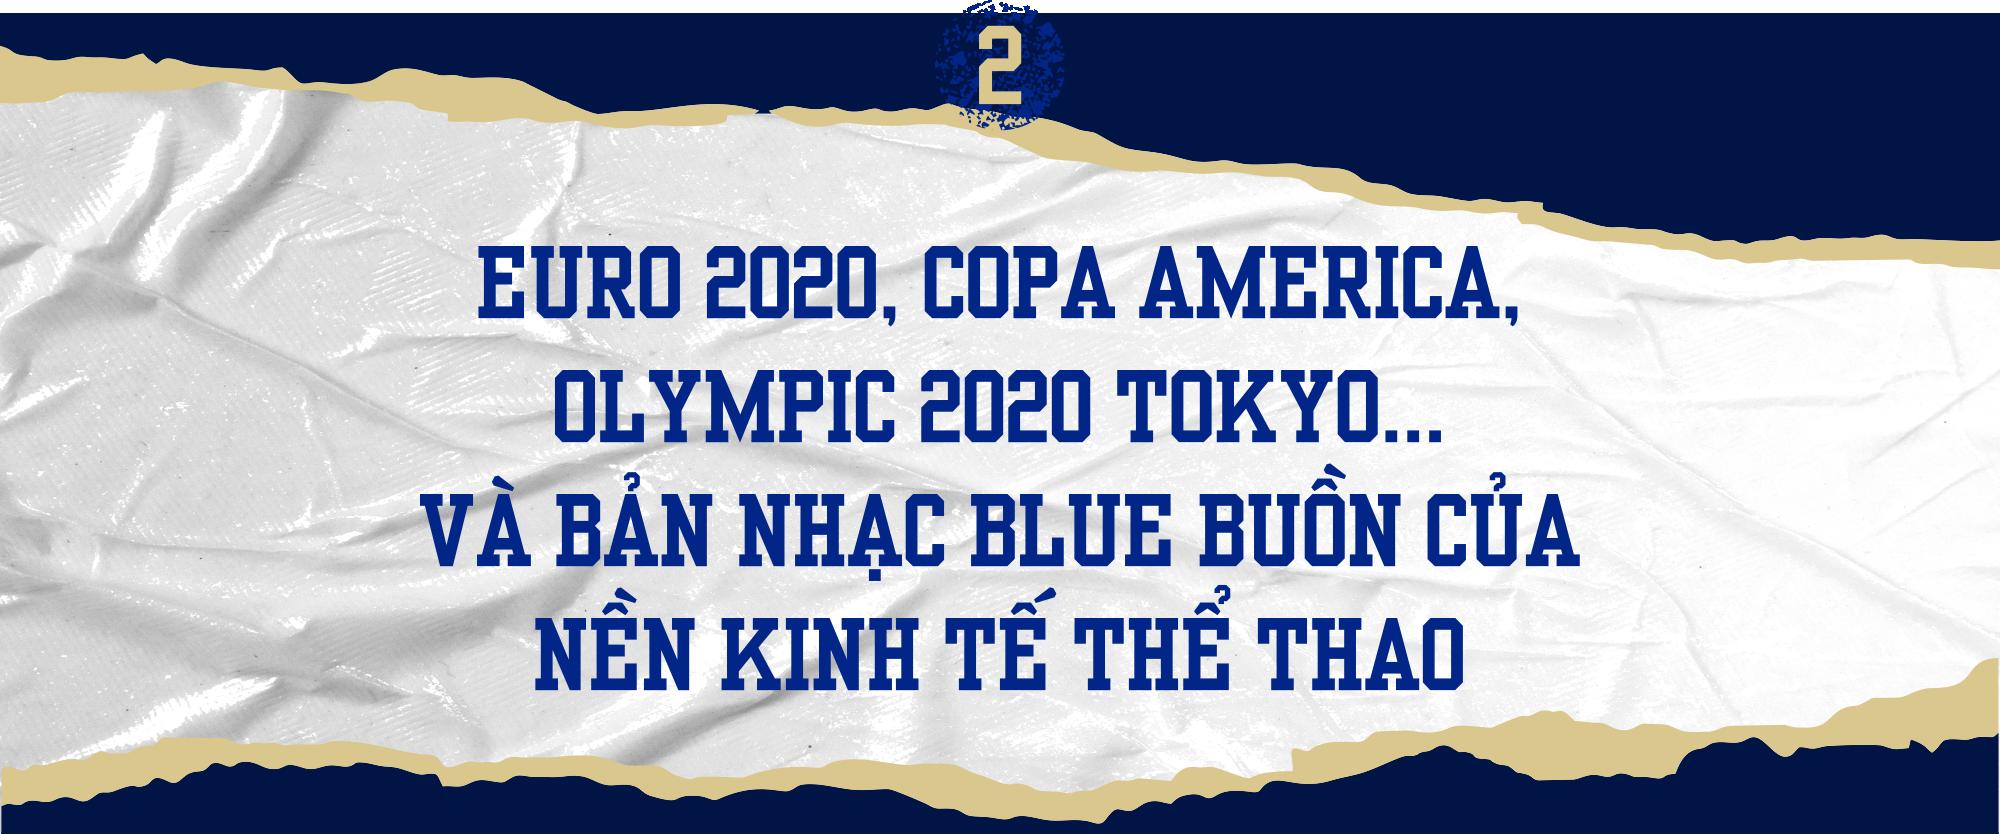 EURO 2020, COVID-19 và bản nhạc blue ảm đạm của các giải đấu thể thao - Ảnh 6.